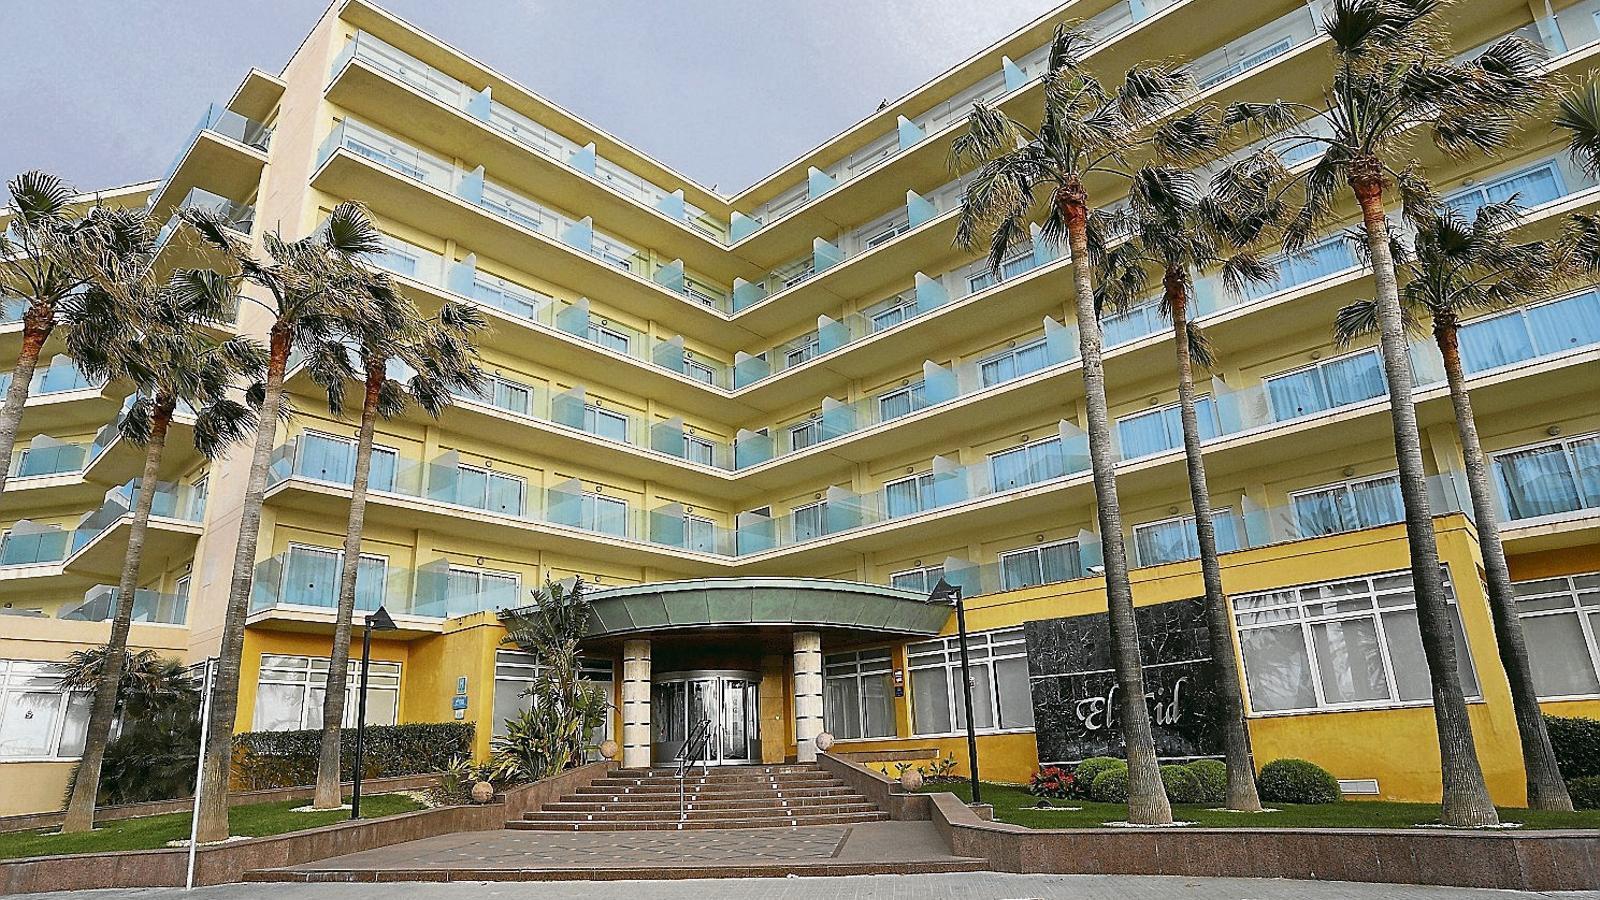 Fons d'inversió esperen per comprar hotels més barats aprofitant-se de la pandèmia